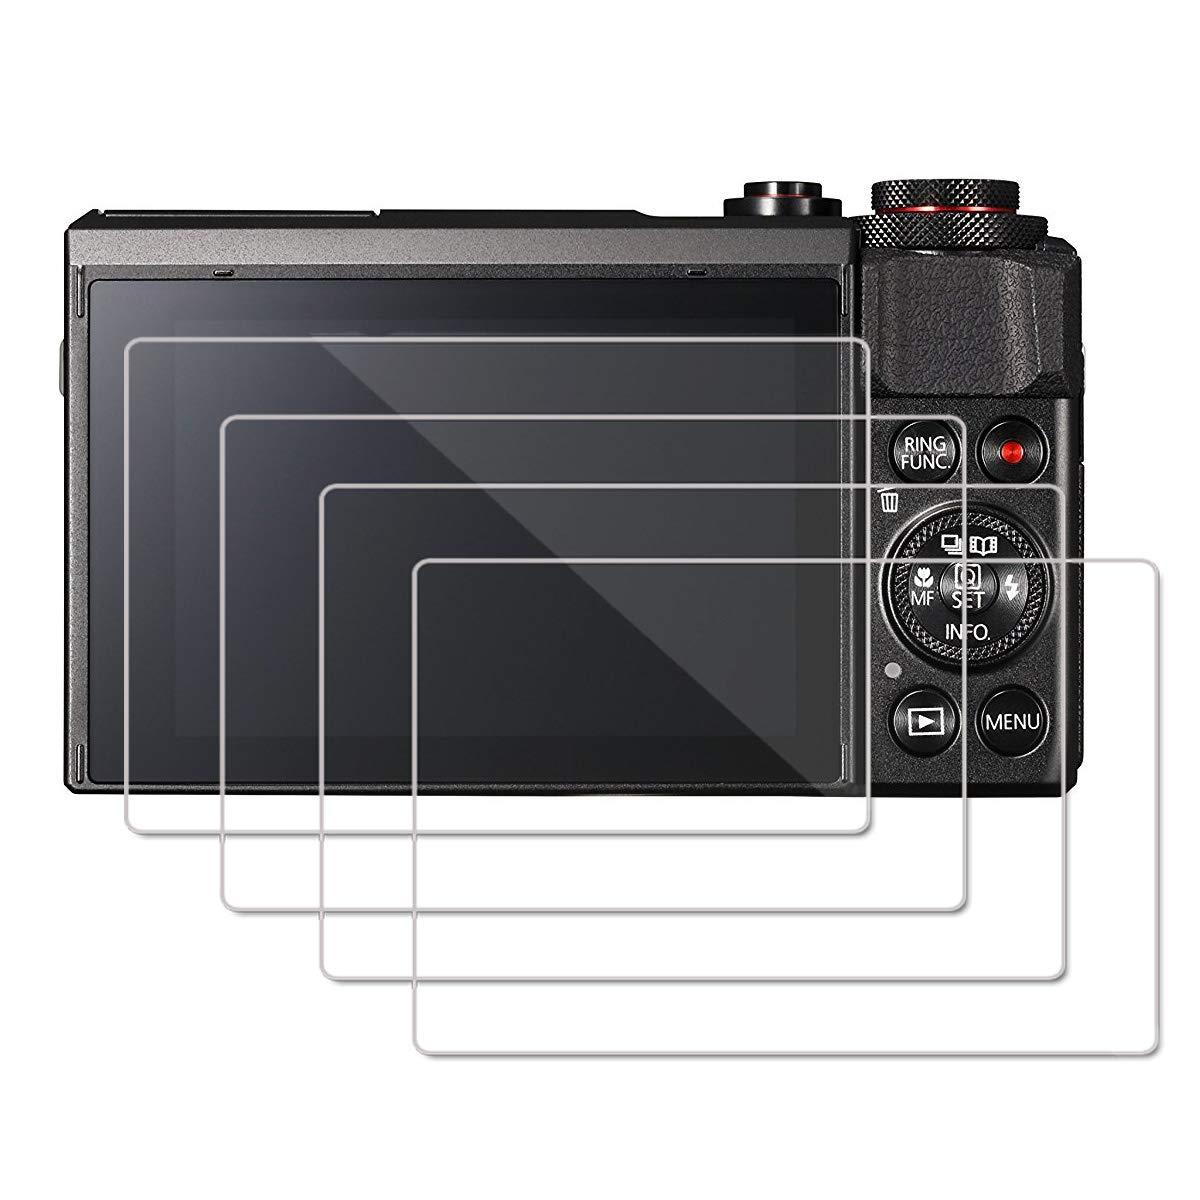 Protecteur de Verre Tremp/é /à Couverture Totale Lot de 4 Installation Facile sans Bulles R/ésistant Aux Rayures Cristal Clair OOTSR Protecteur D/écran pour Canon G7X Mark II G9X G9XII G7X G5X